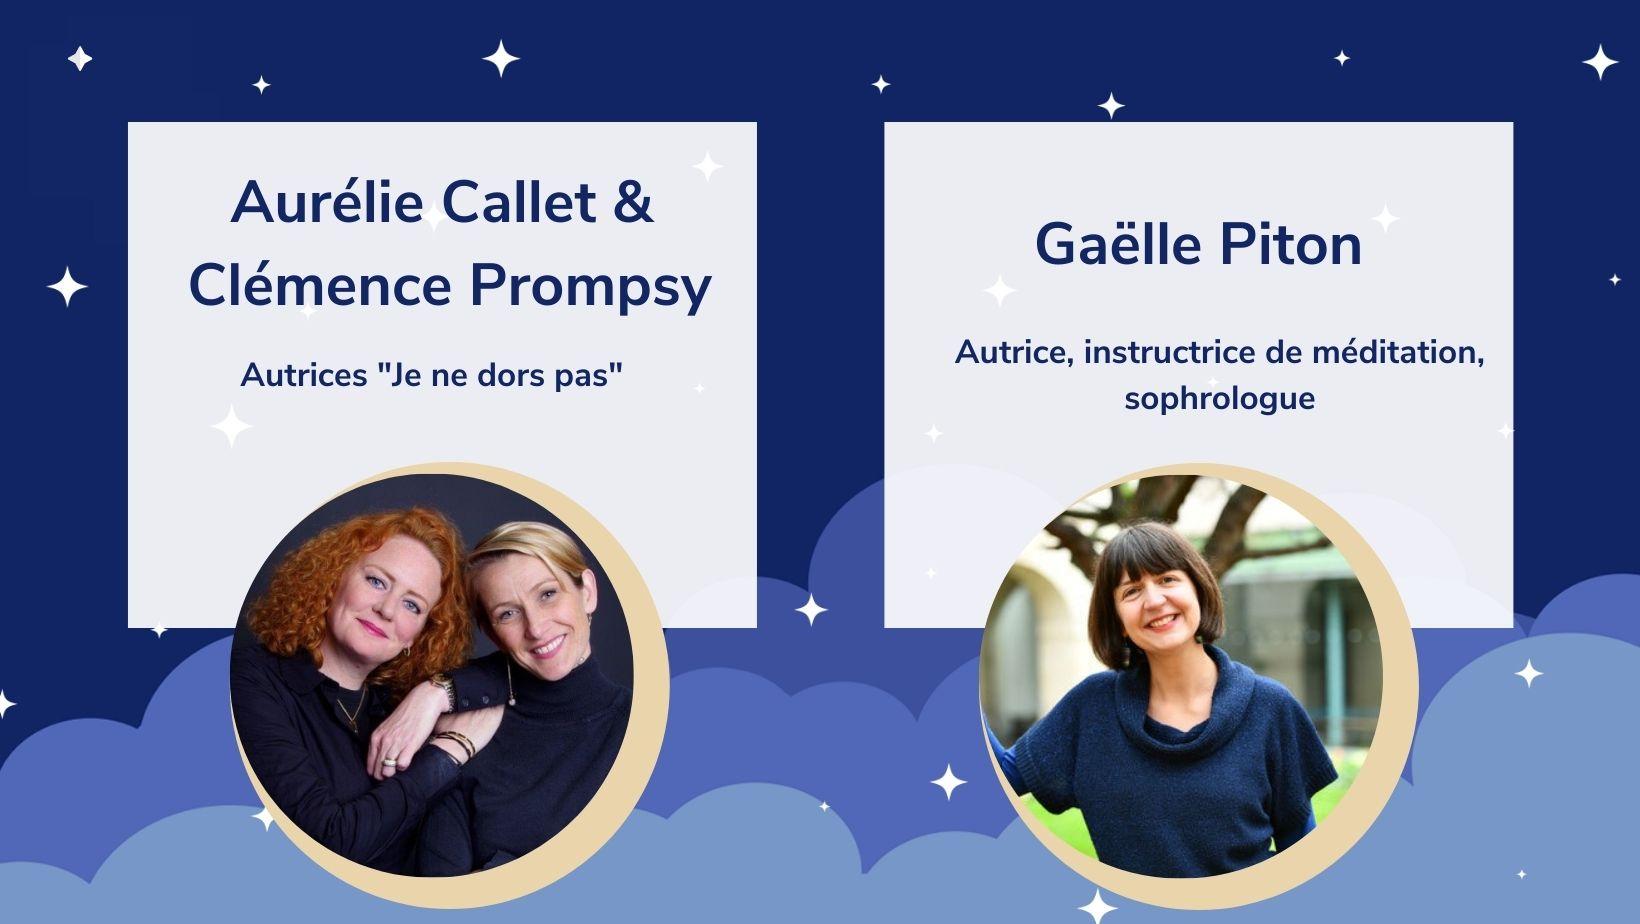 Gaëlle Piton est l'invitée des soirées Happyjamas en partenariat avec Petit Bambou et Psychologies Magazine